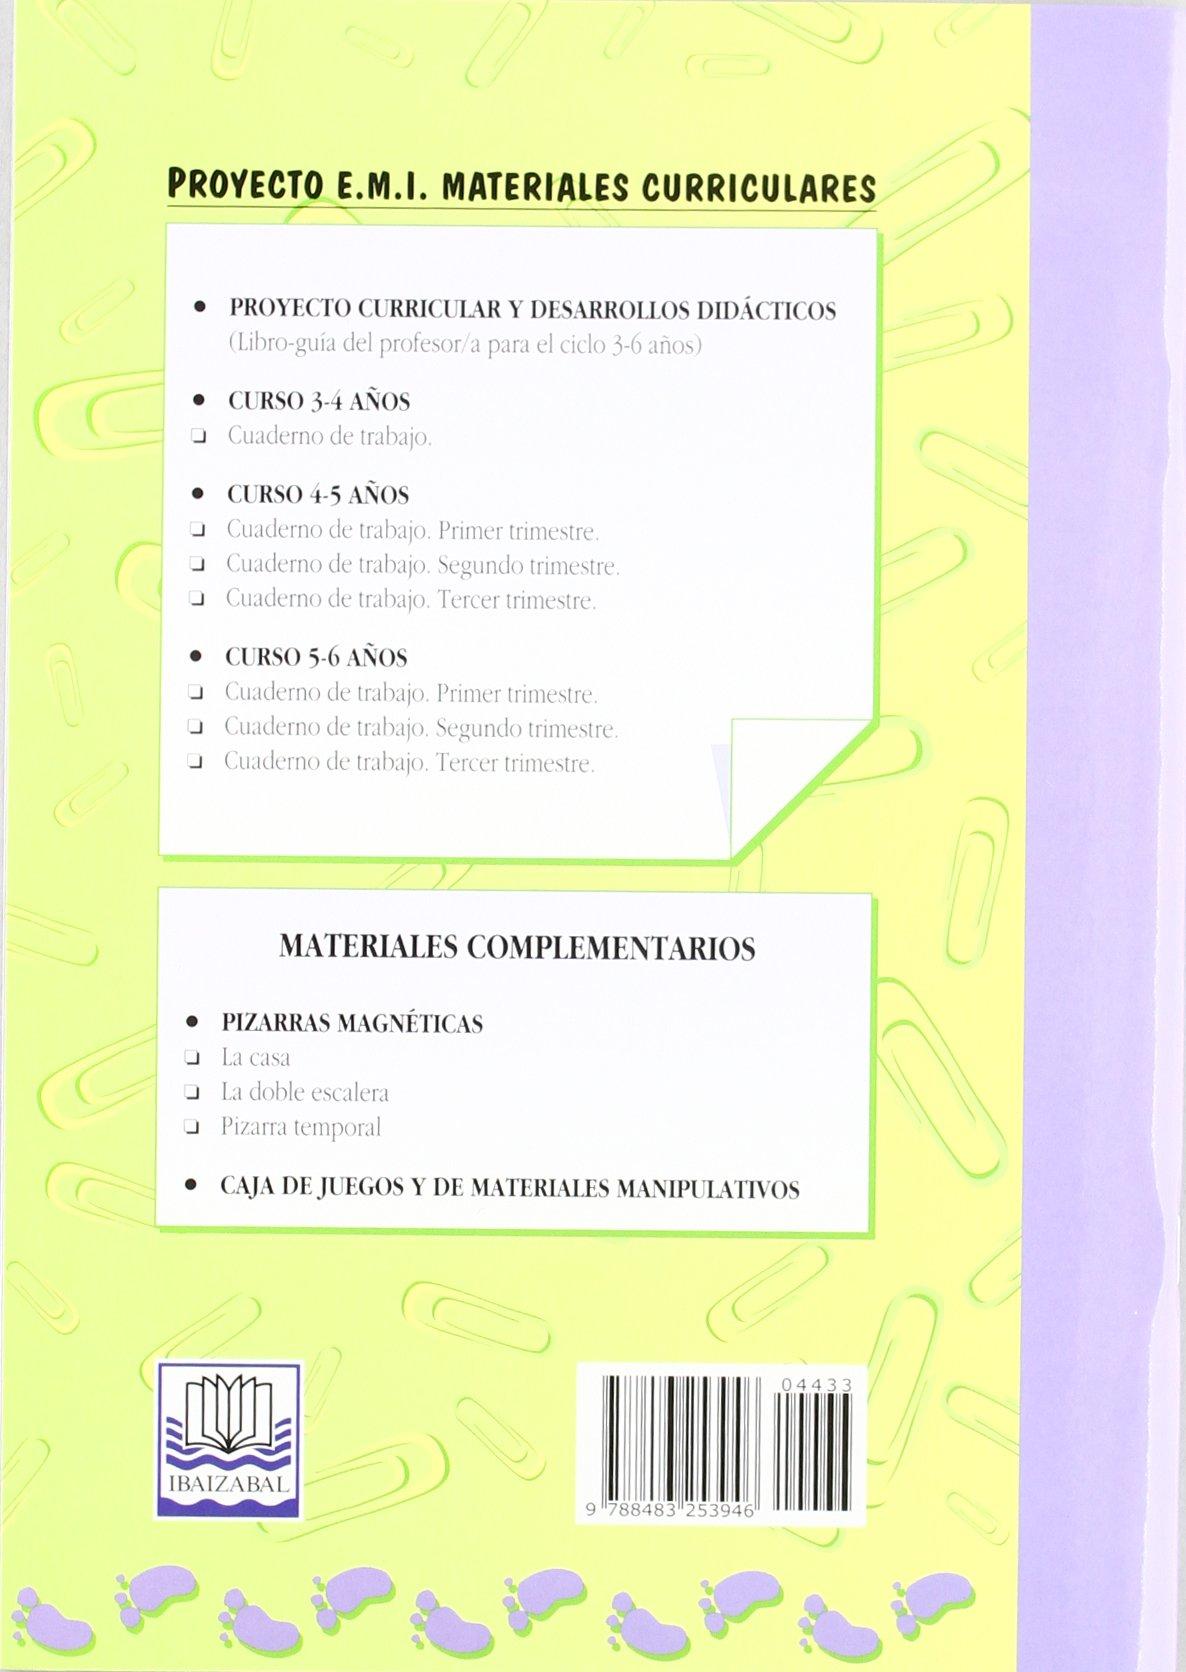 Cuaderno de Trabajo 1. trimestre - Emi 4-5 a?os: Luís Pereda ...